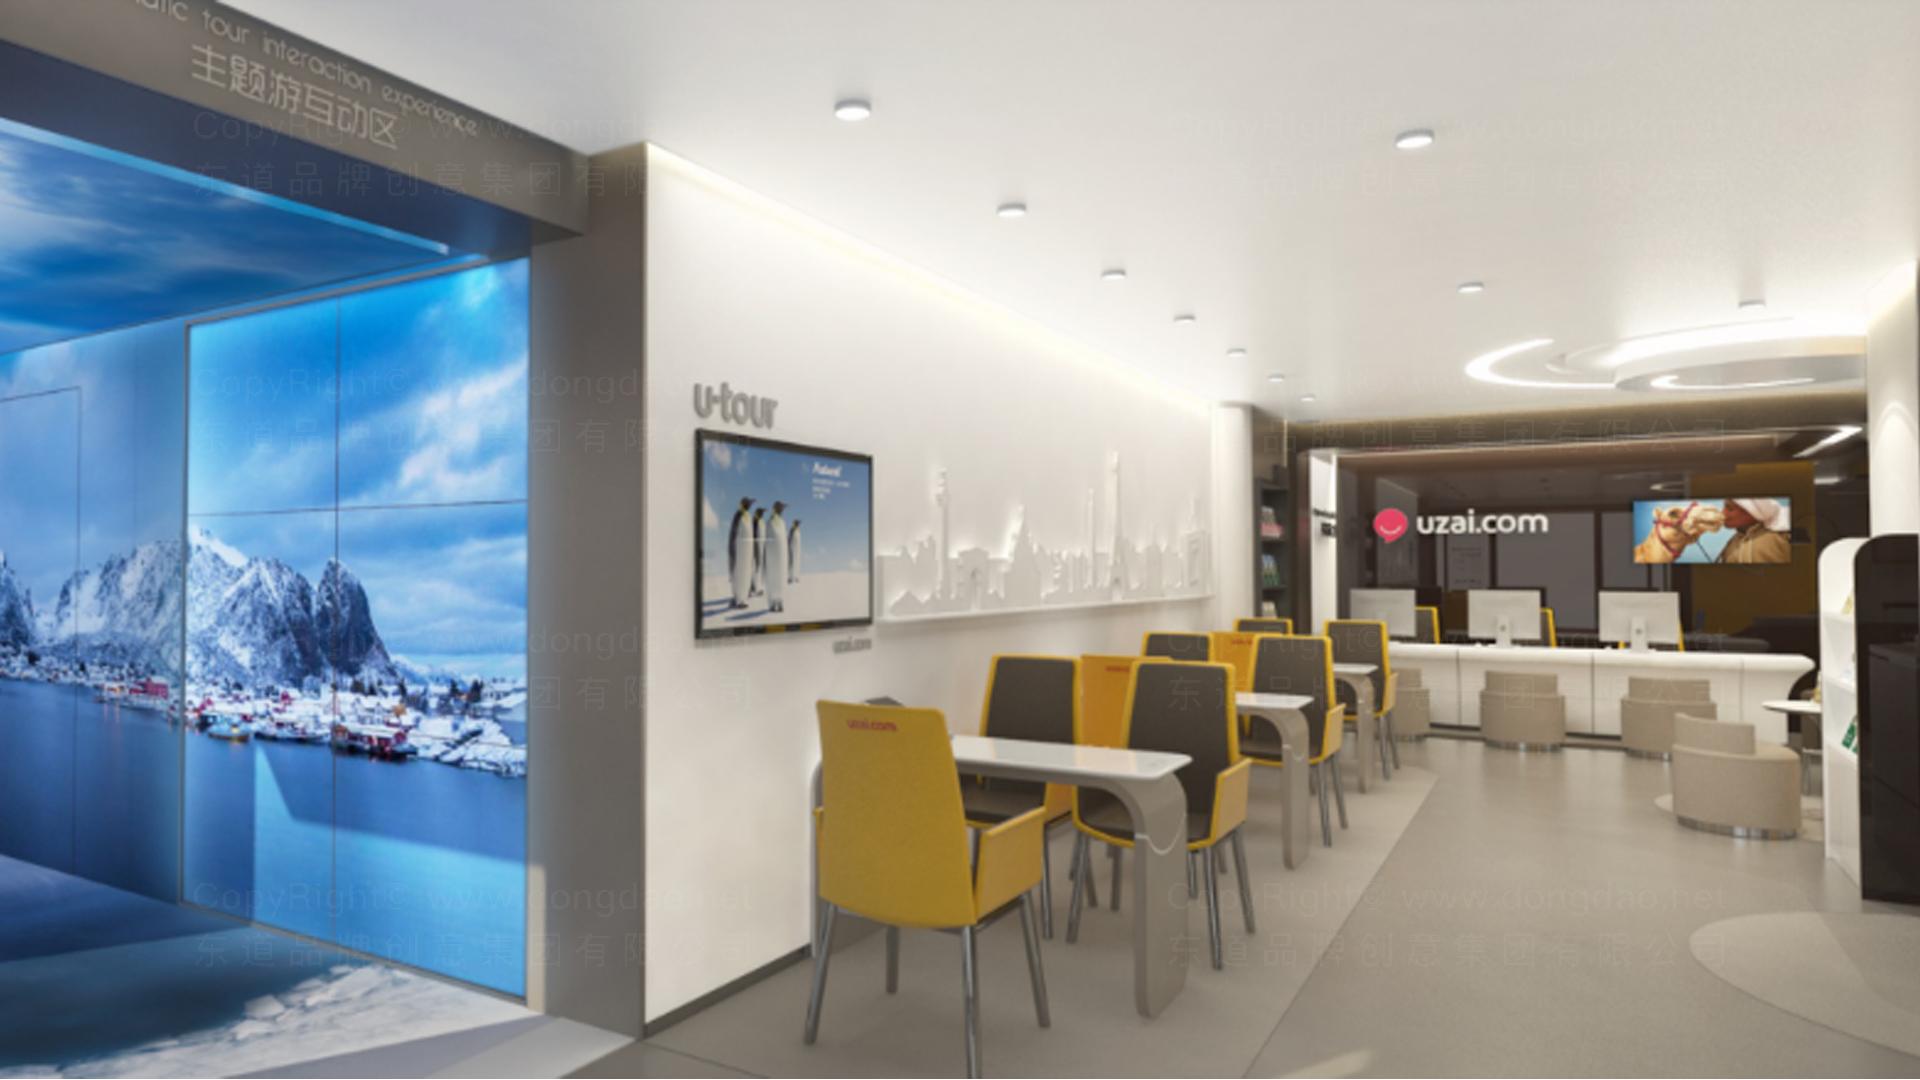 商业空间&导示众信旅游SI设计应用场景